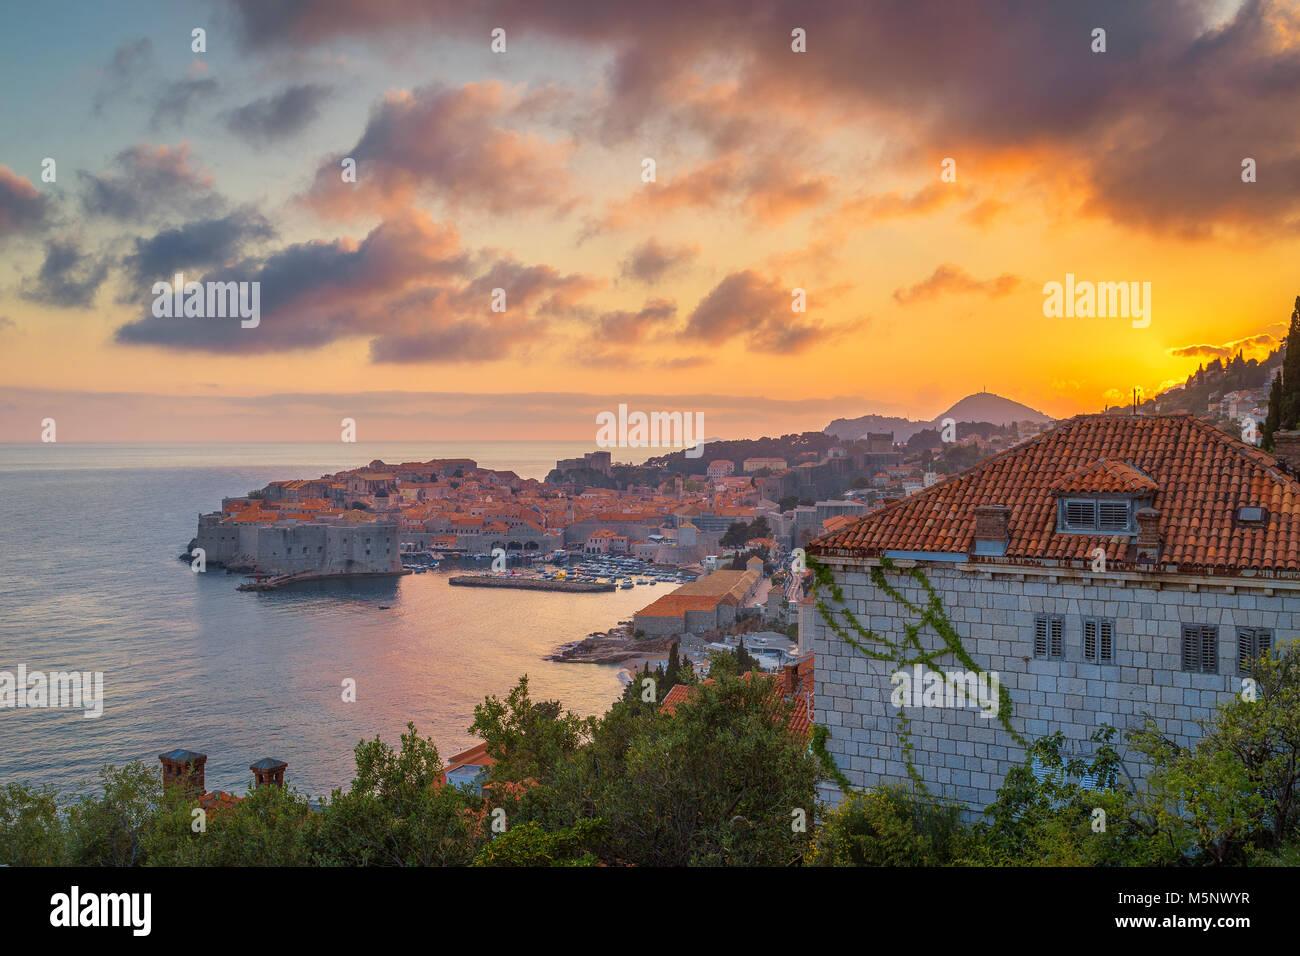 La histórica ciudad de Dubrovnik, uno de los más famosos destinos turísticos en el Mar Mediterráneo, Imagen De Stock